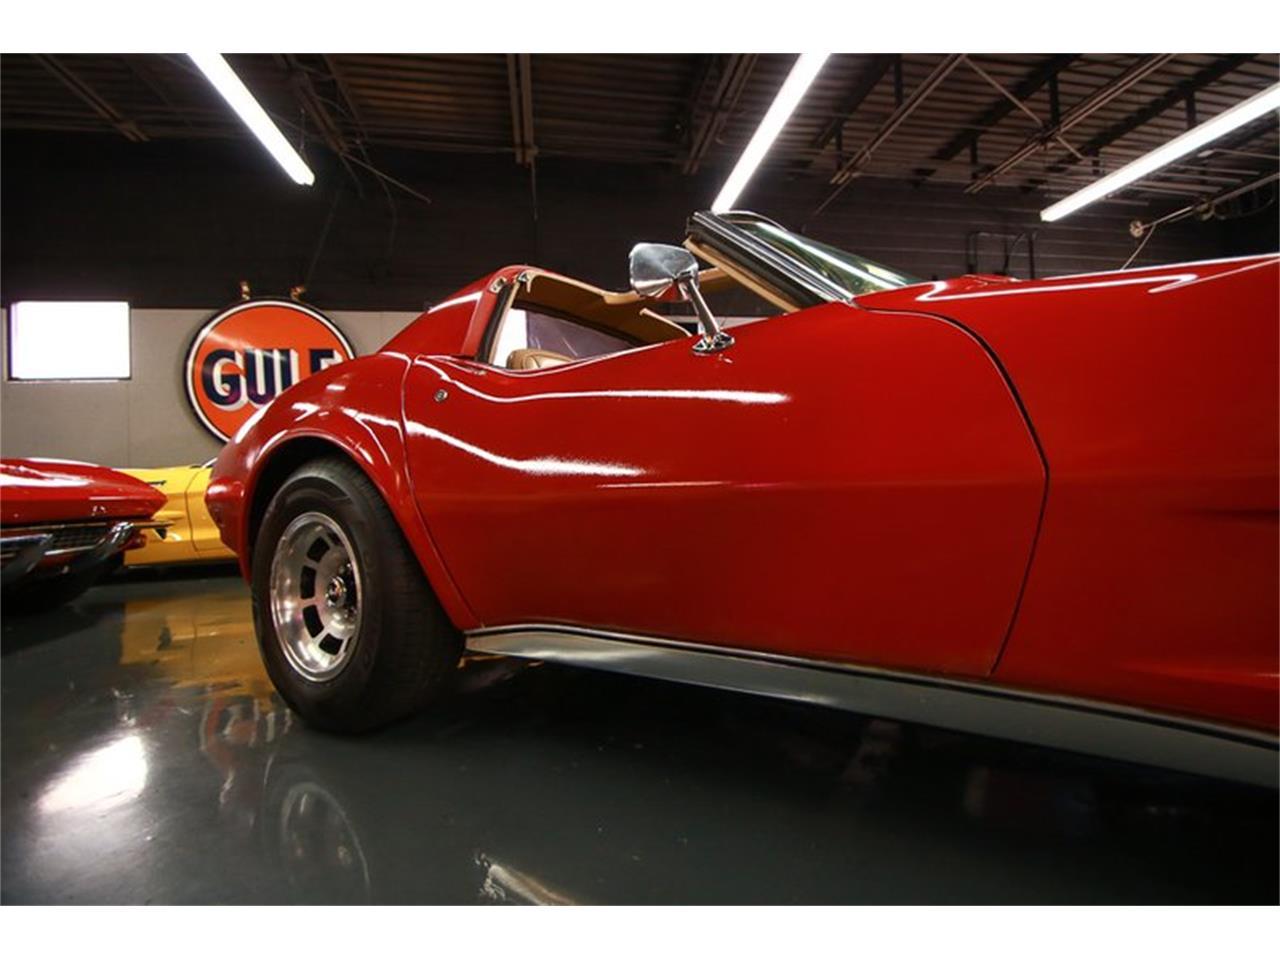 Large Picture of '76 Chevrolet Corvette - $9,900.00 - QHTE